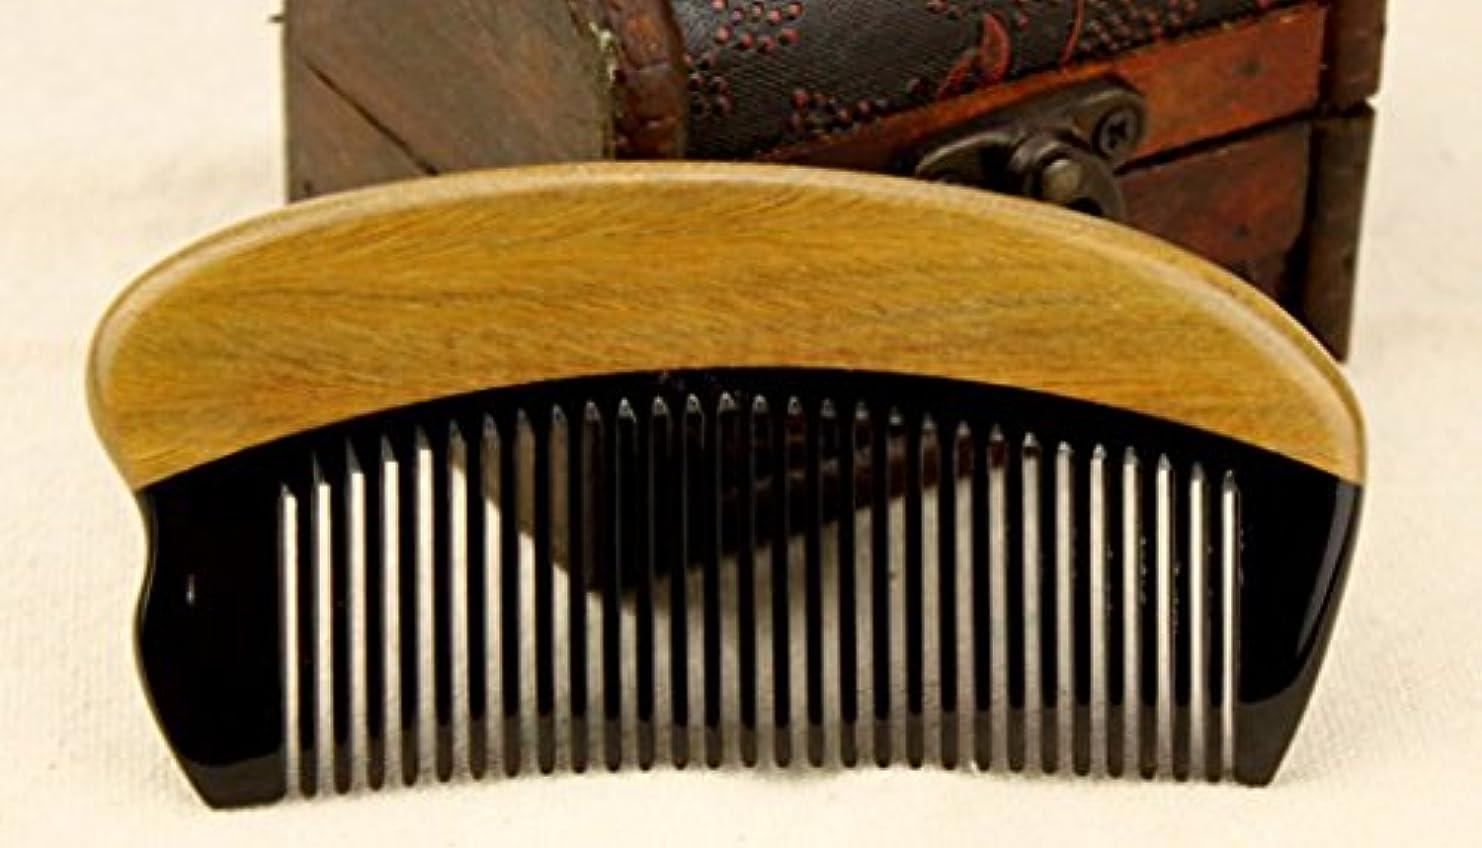 と遊ぶ性能寺院櫛型 緑檀木 プロも使う牛角かっさプレート マサージ用 血行改善 高級 天然 静電気 防止 美髪美顔 敬老の日